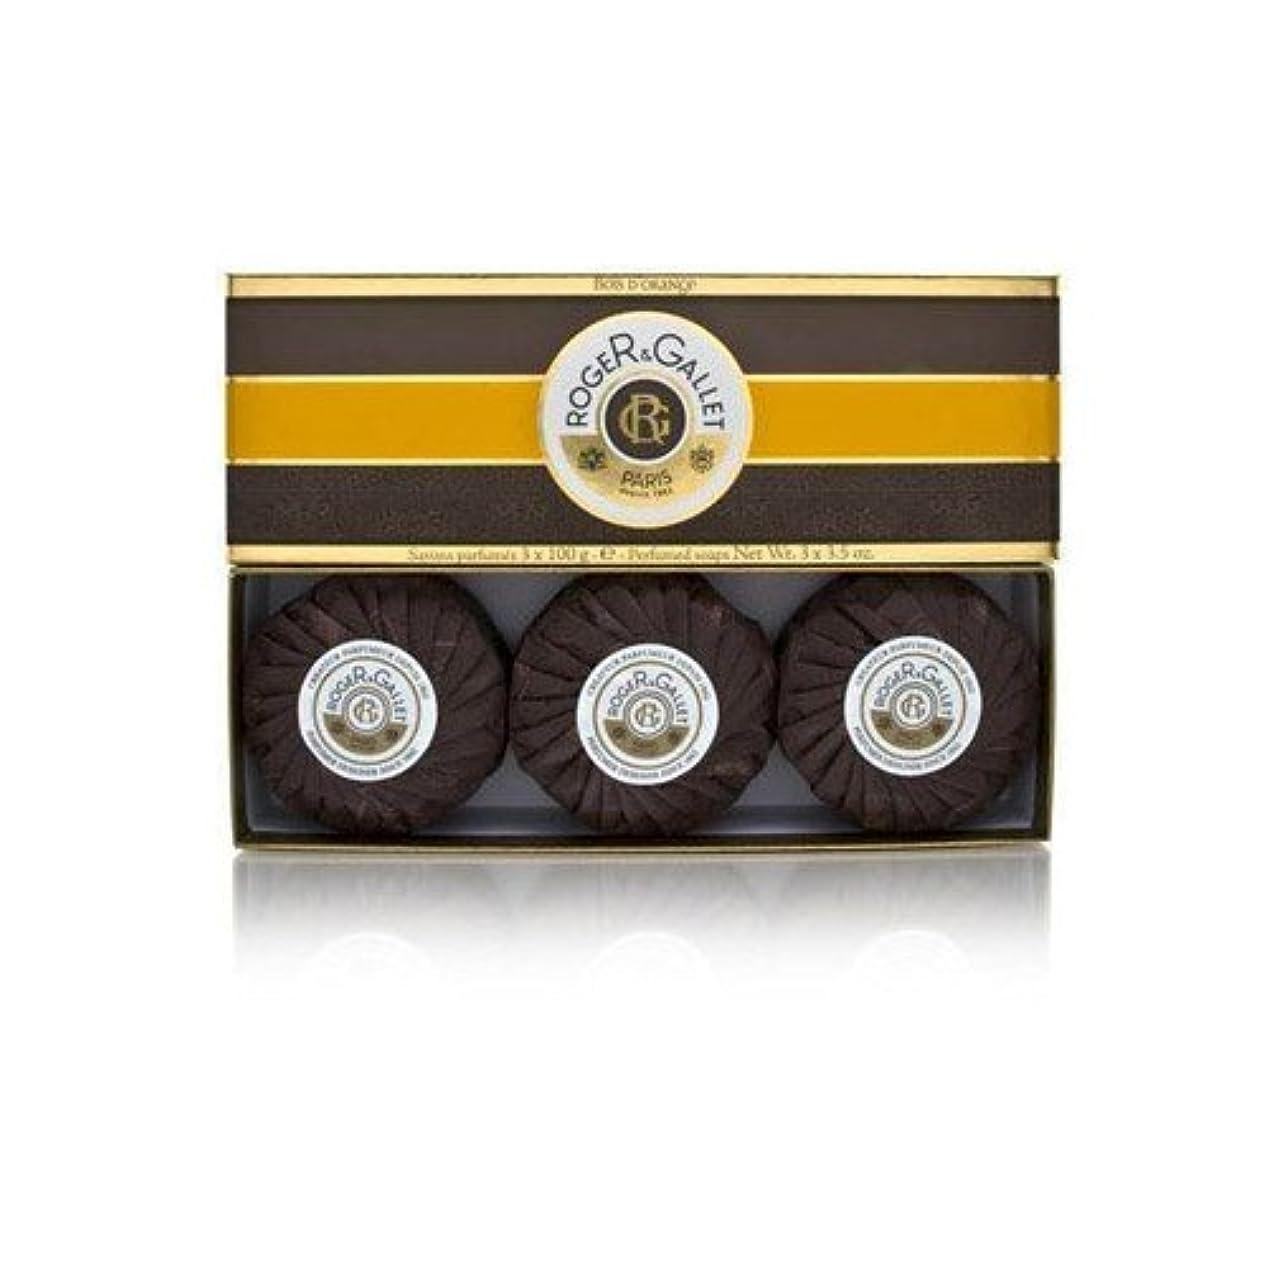 スープバス明日ロジェガレ ボワ ドランジュ (オレンジツリー) 香水石鹸3個セット ROGER&GALLET BOIS D'ORANGE PERFUMED SOAP [0161]